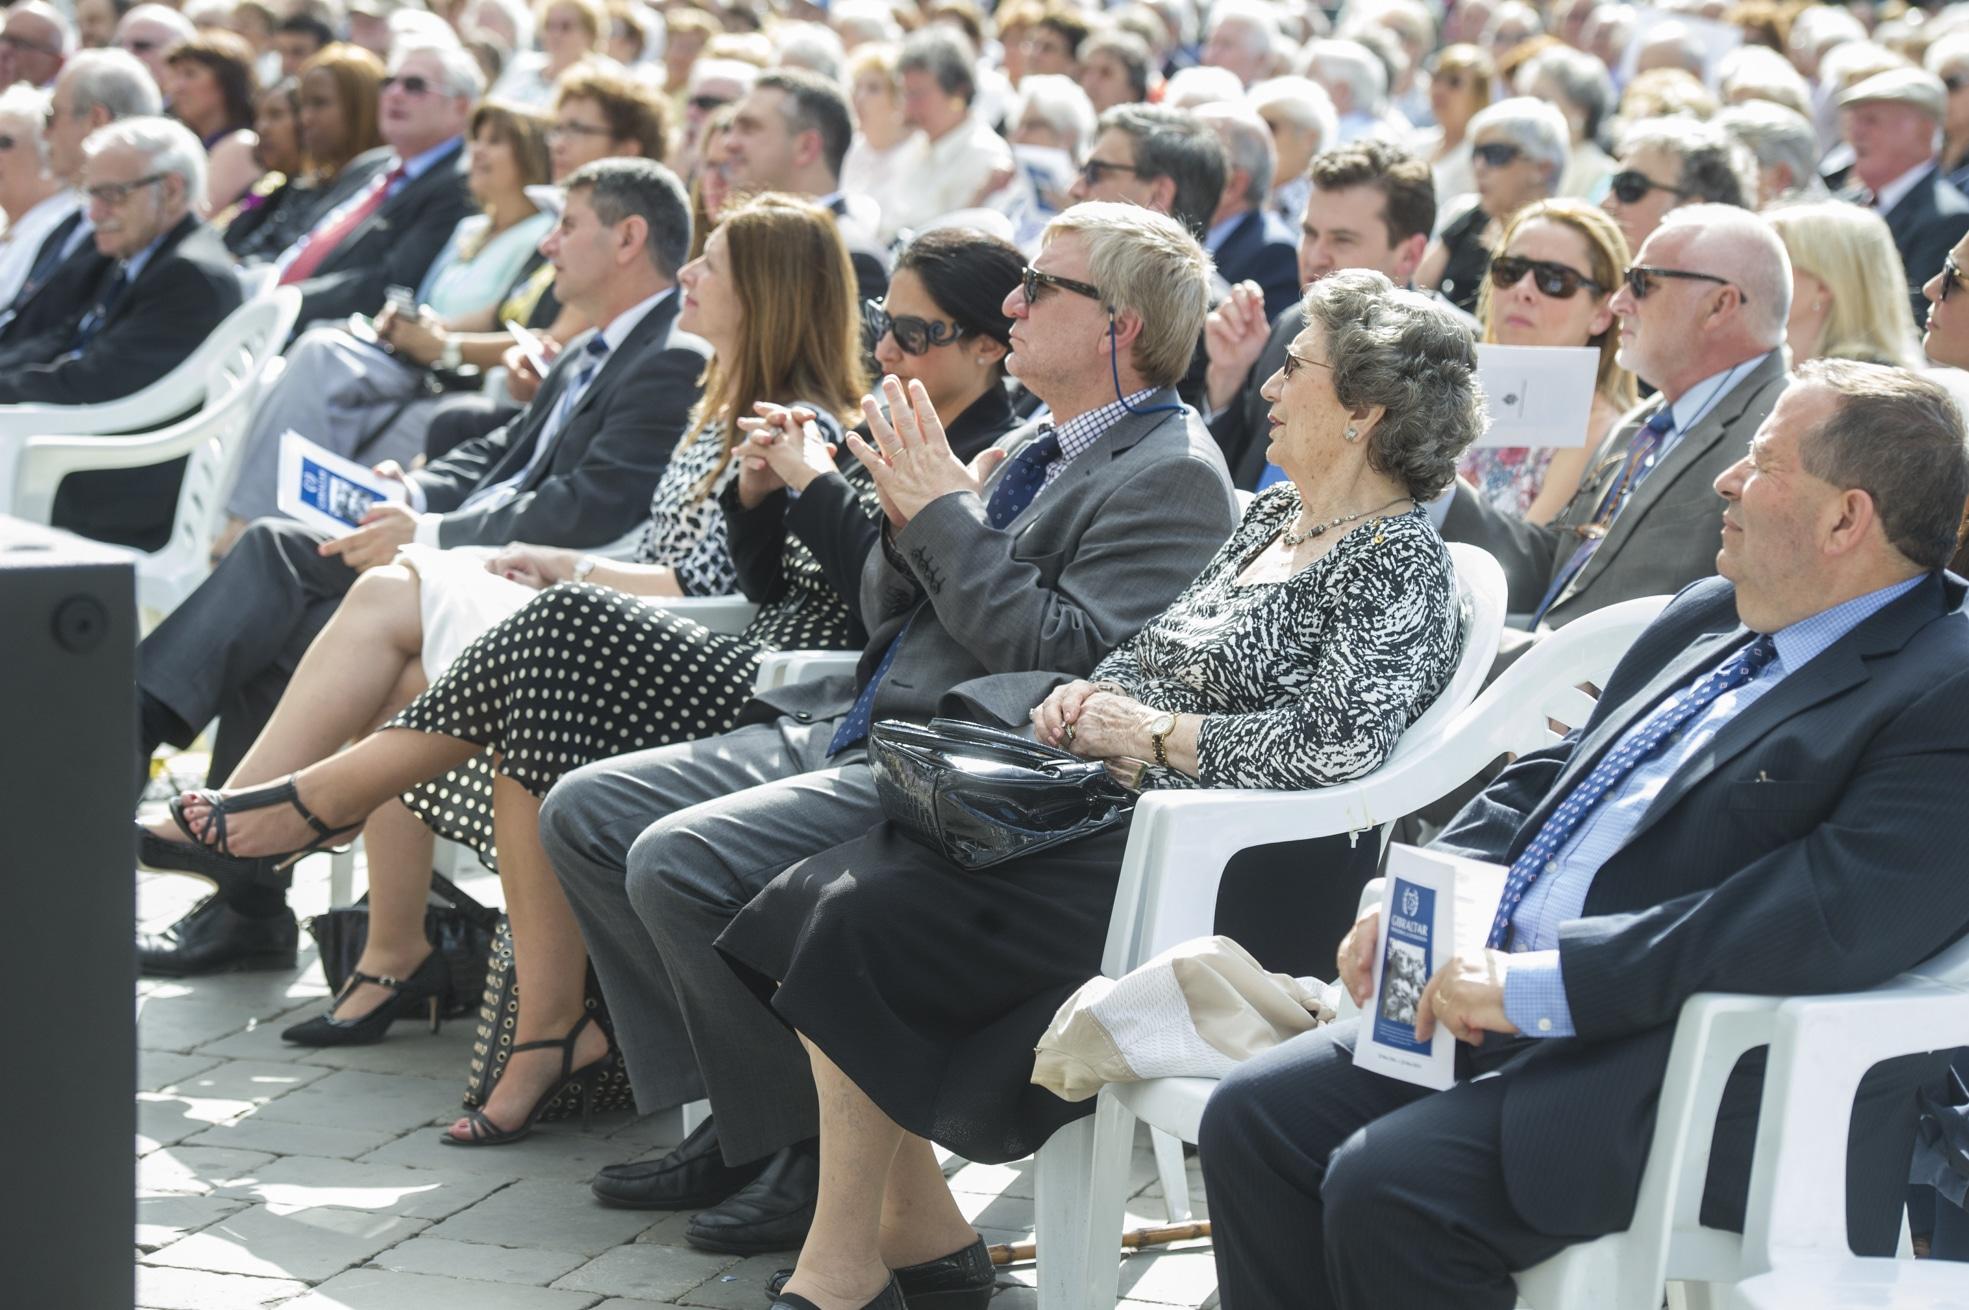 ceremonia-75-anos-evacuacion-gibraltar-22052015-29_17807361158_o